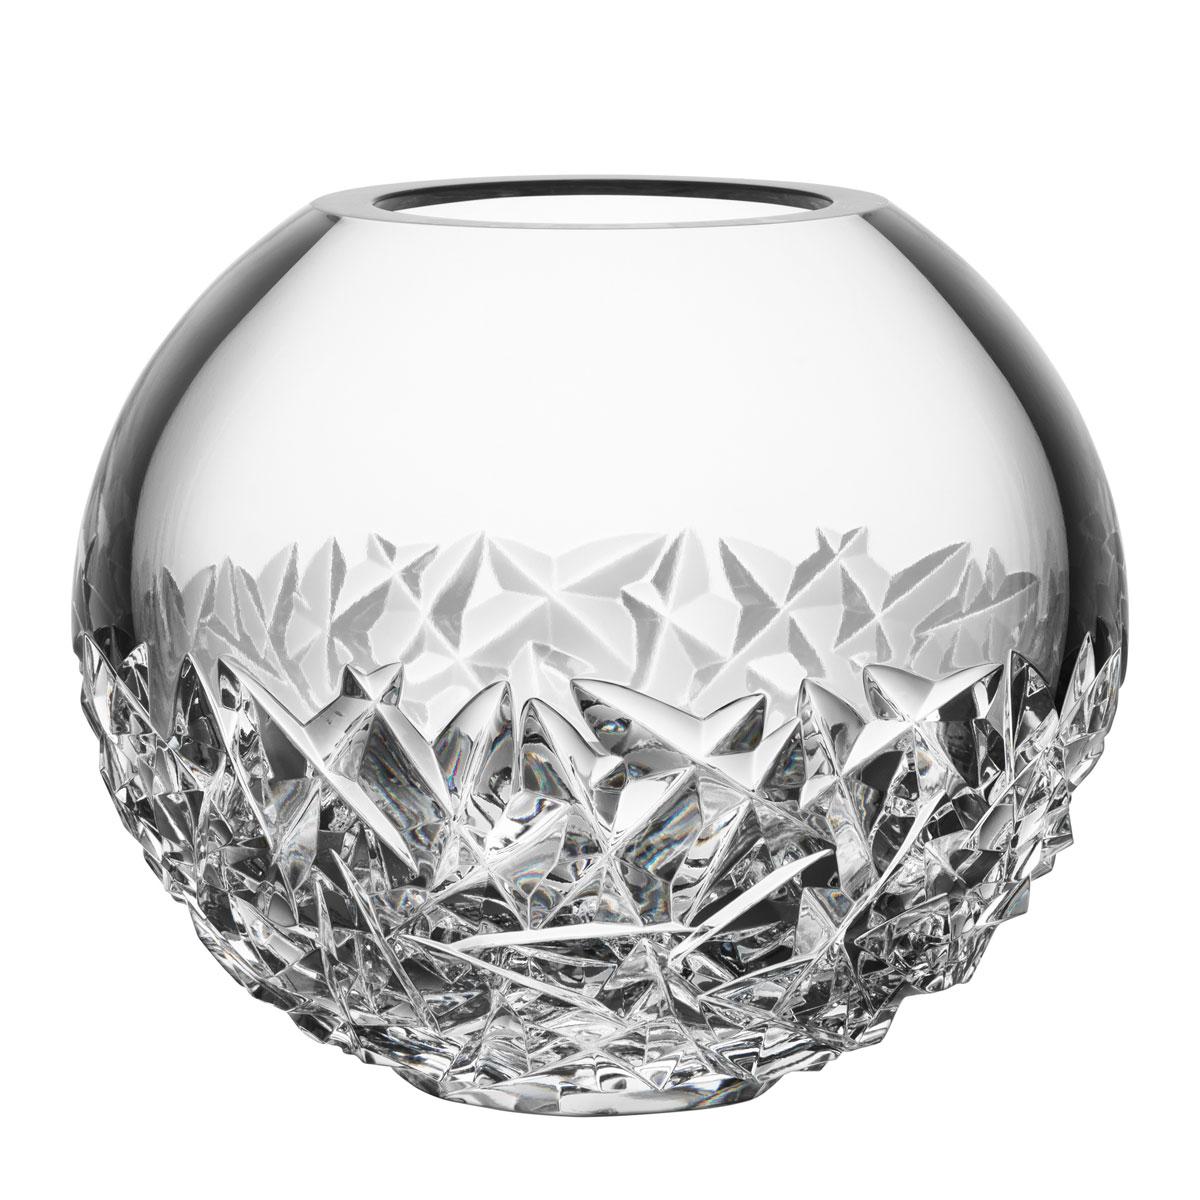 Orrefors Crystal, Carat Globe Crystal Vase, Large